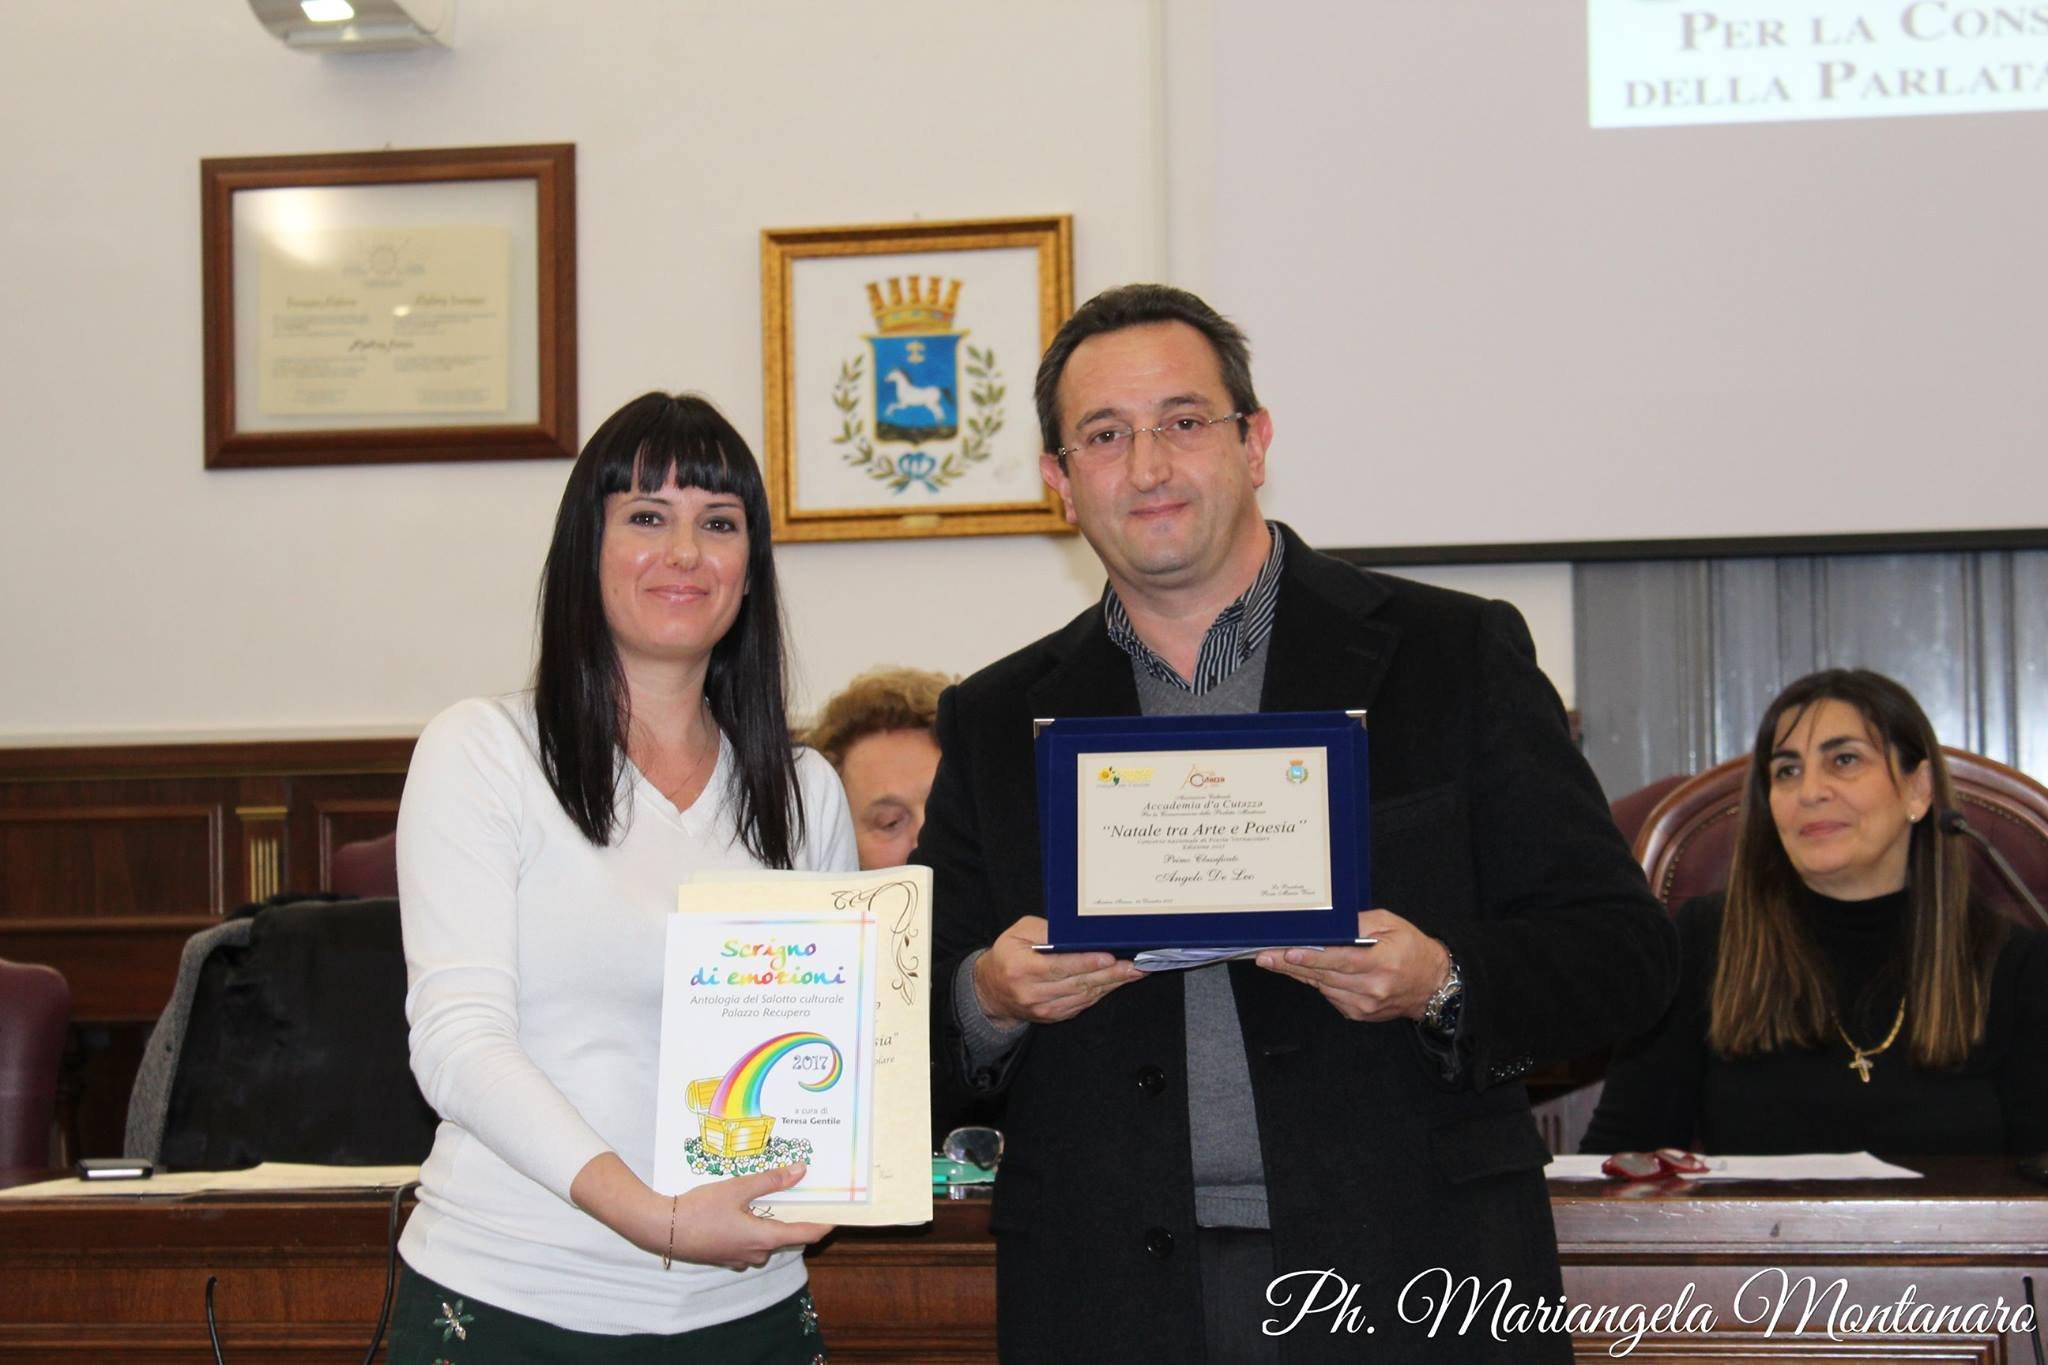 Il poeta Angelo Deleo primo classificato al concorso nazionale di poesia a Martina Franca